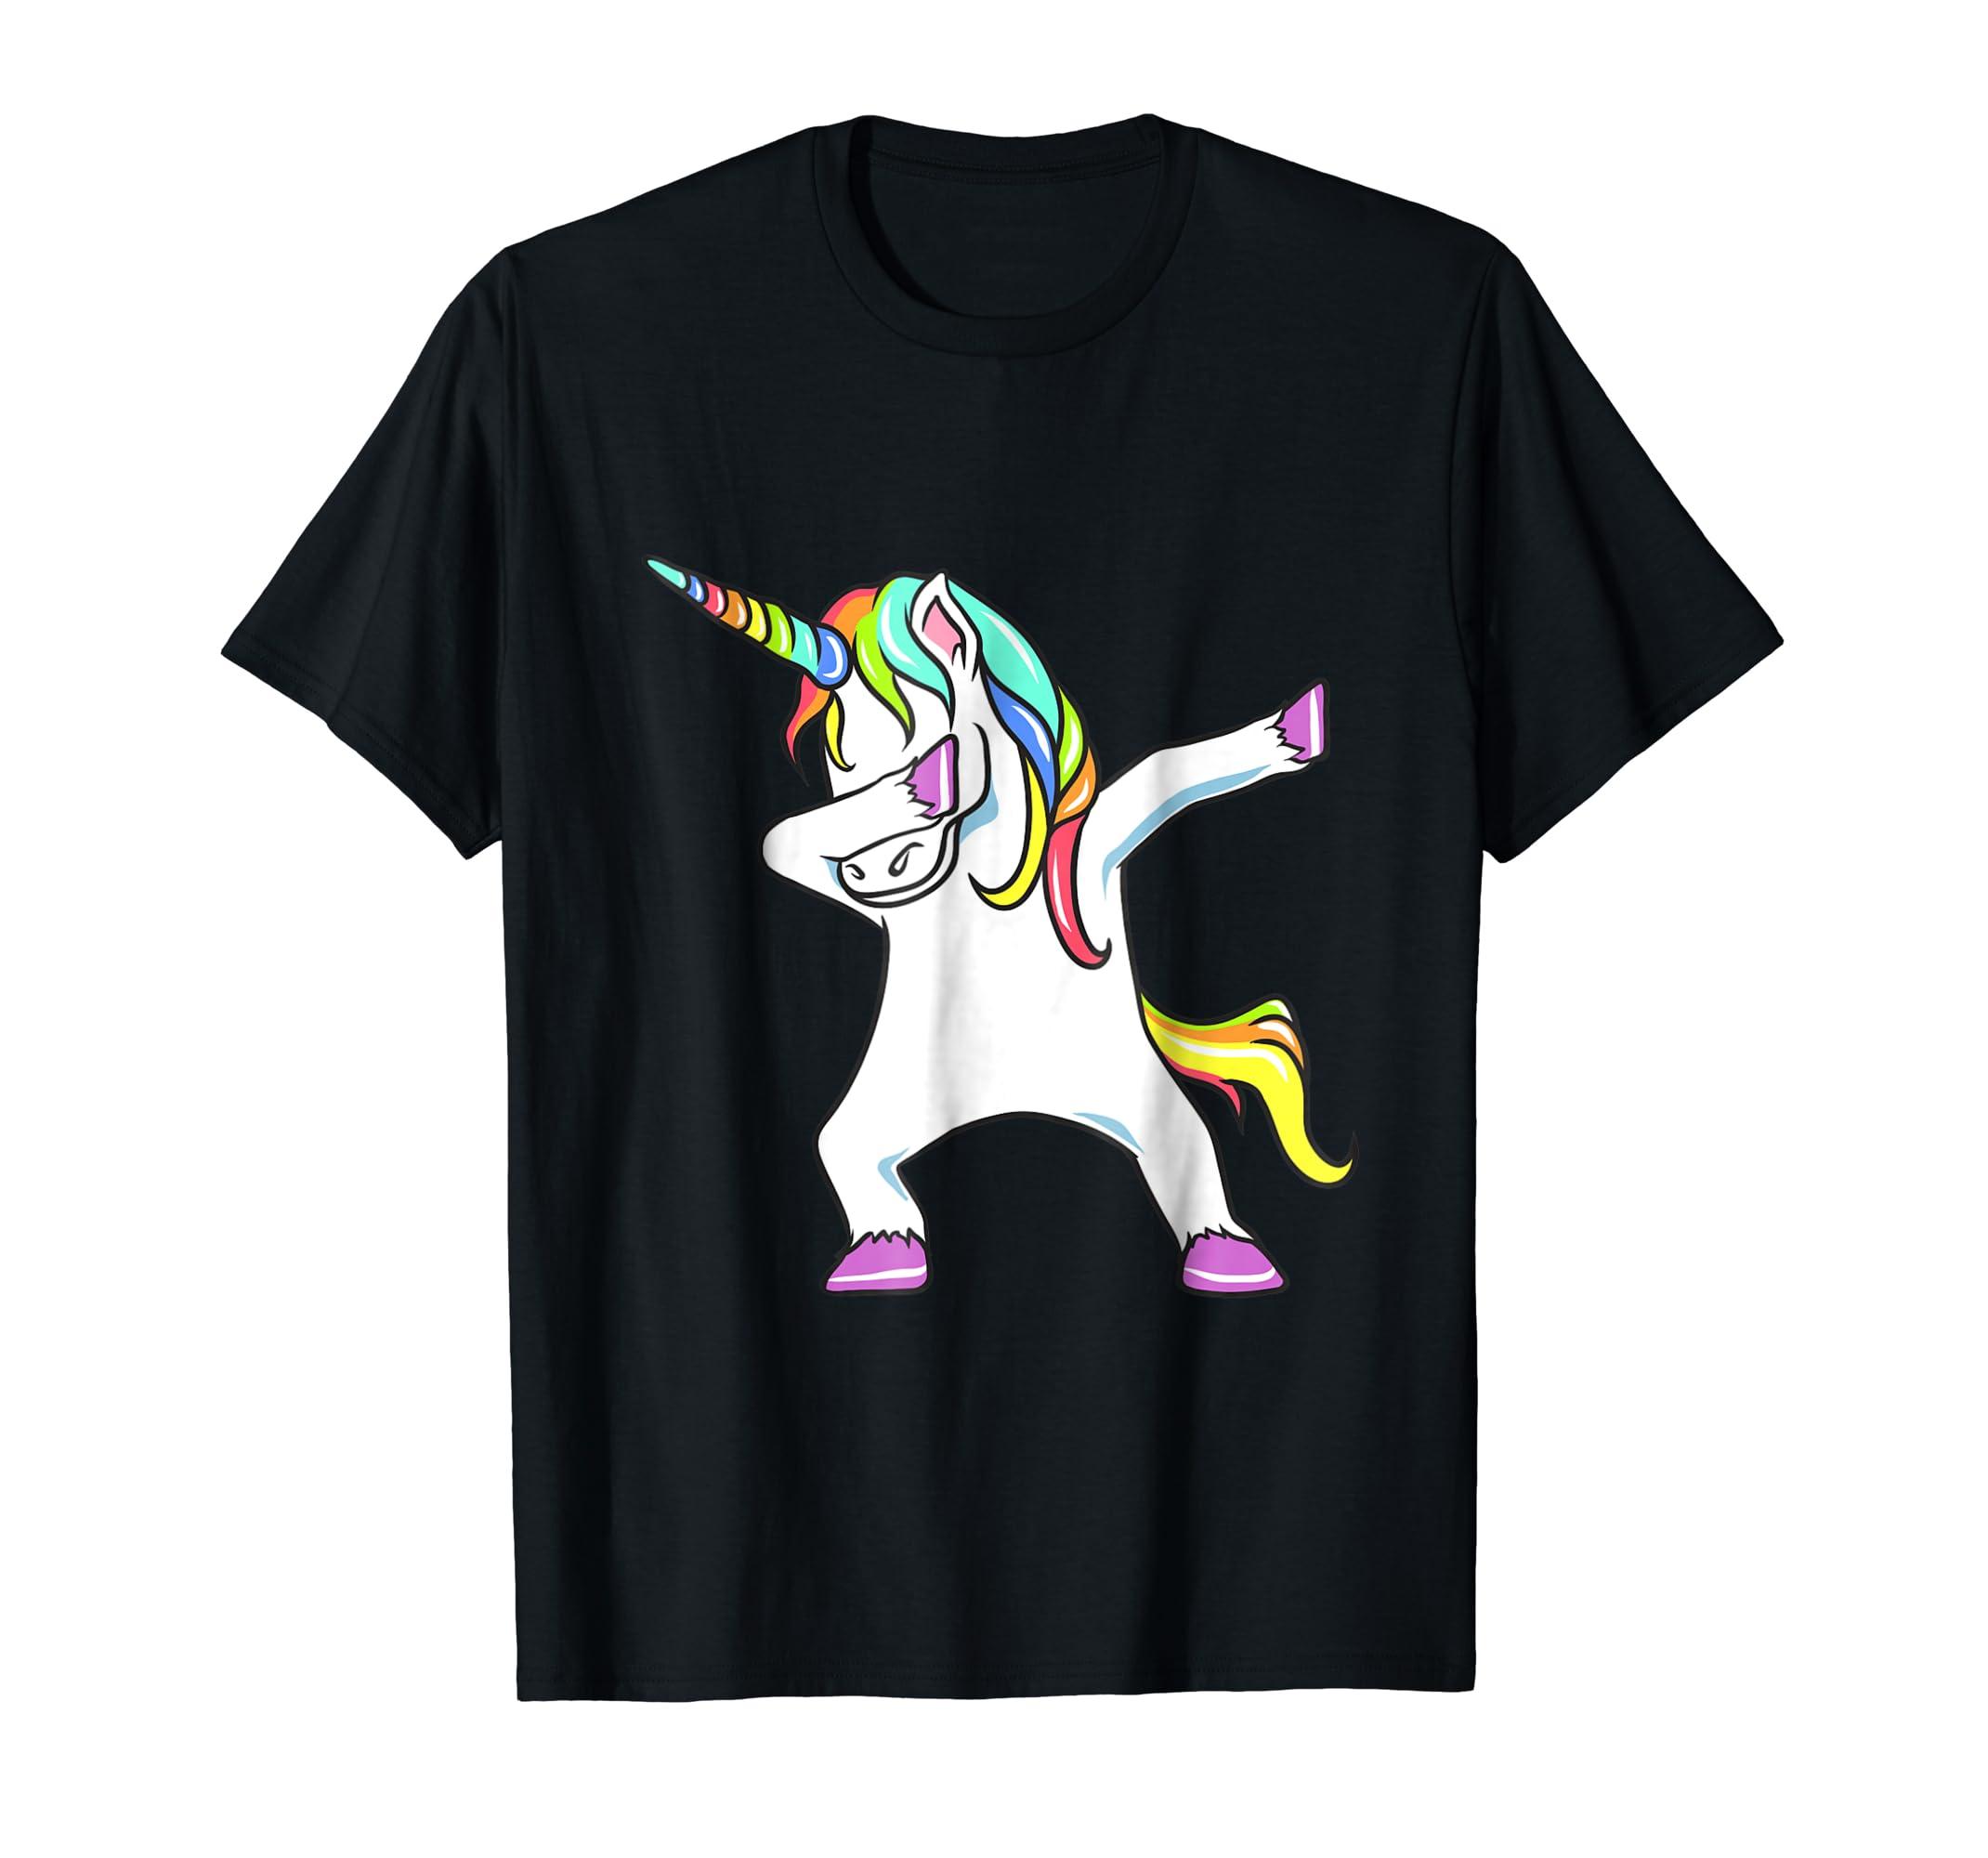 efe6d861bffb Amazon.com: Dabbing Unicorn Shirt - Dab EDM Festival T-Shirt: Clothing